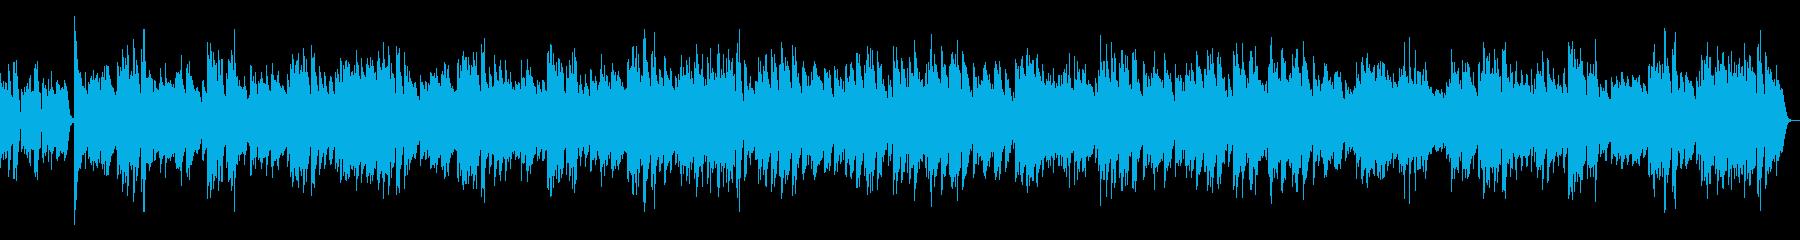 ジ・エンターテイナー ラグタイム(速い)の再生済みの波形